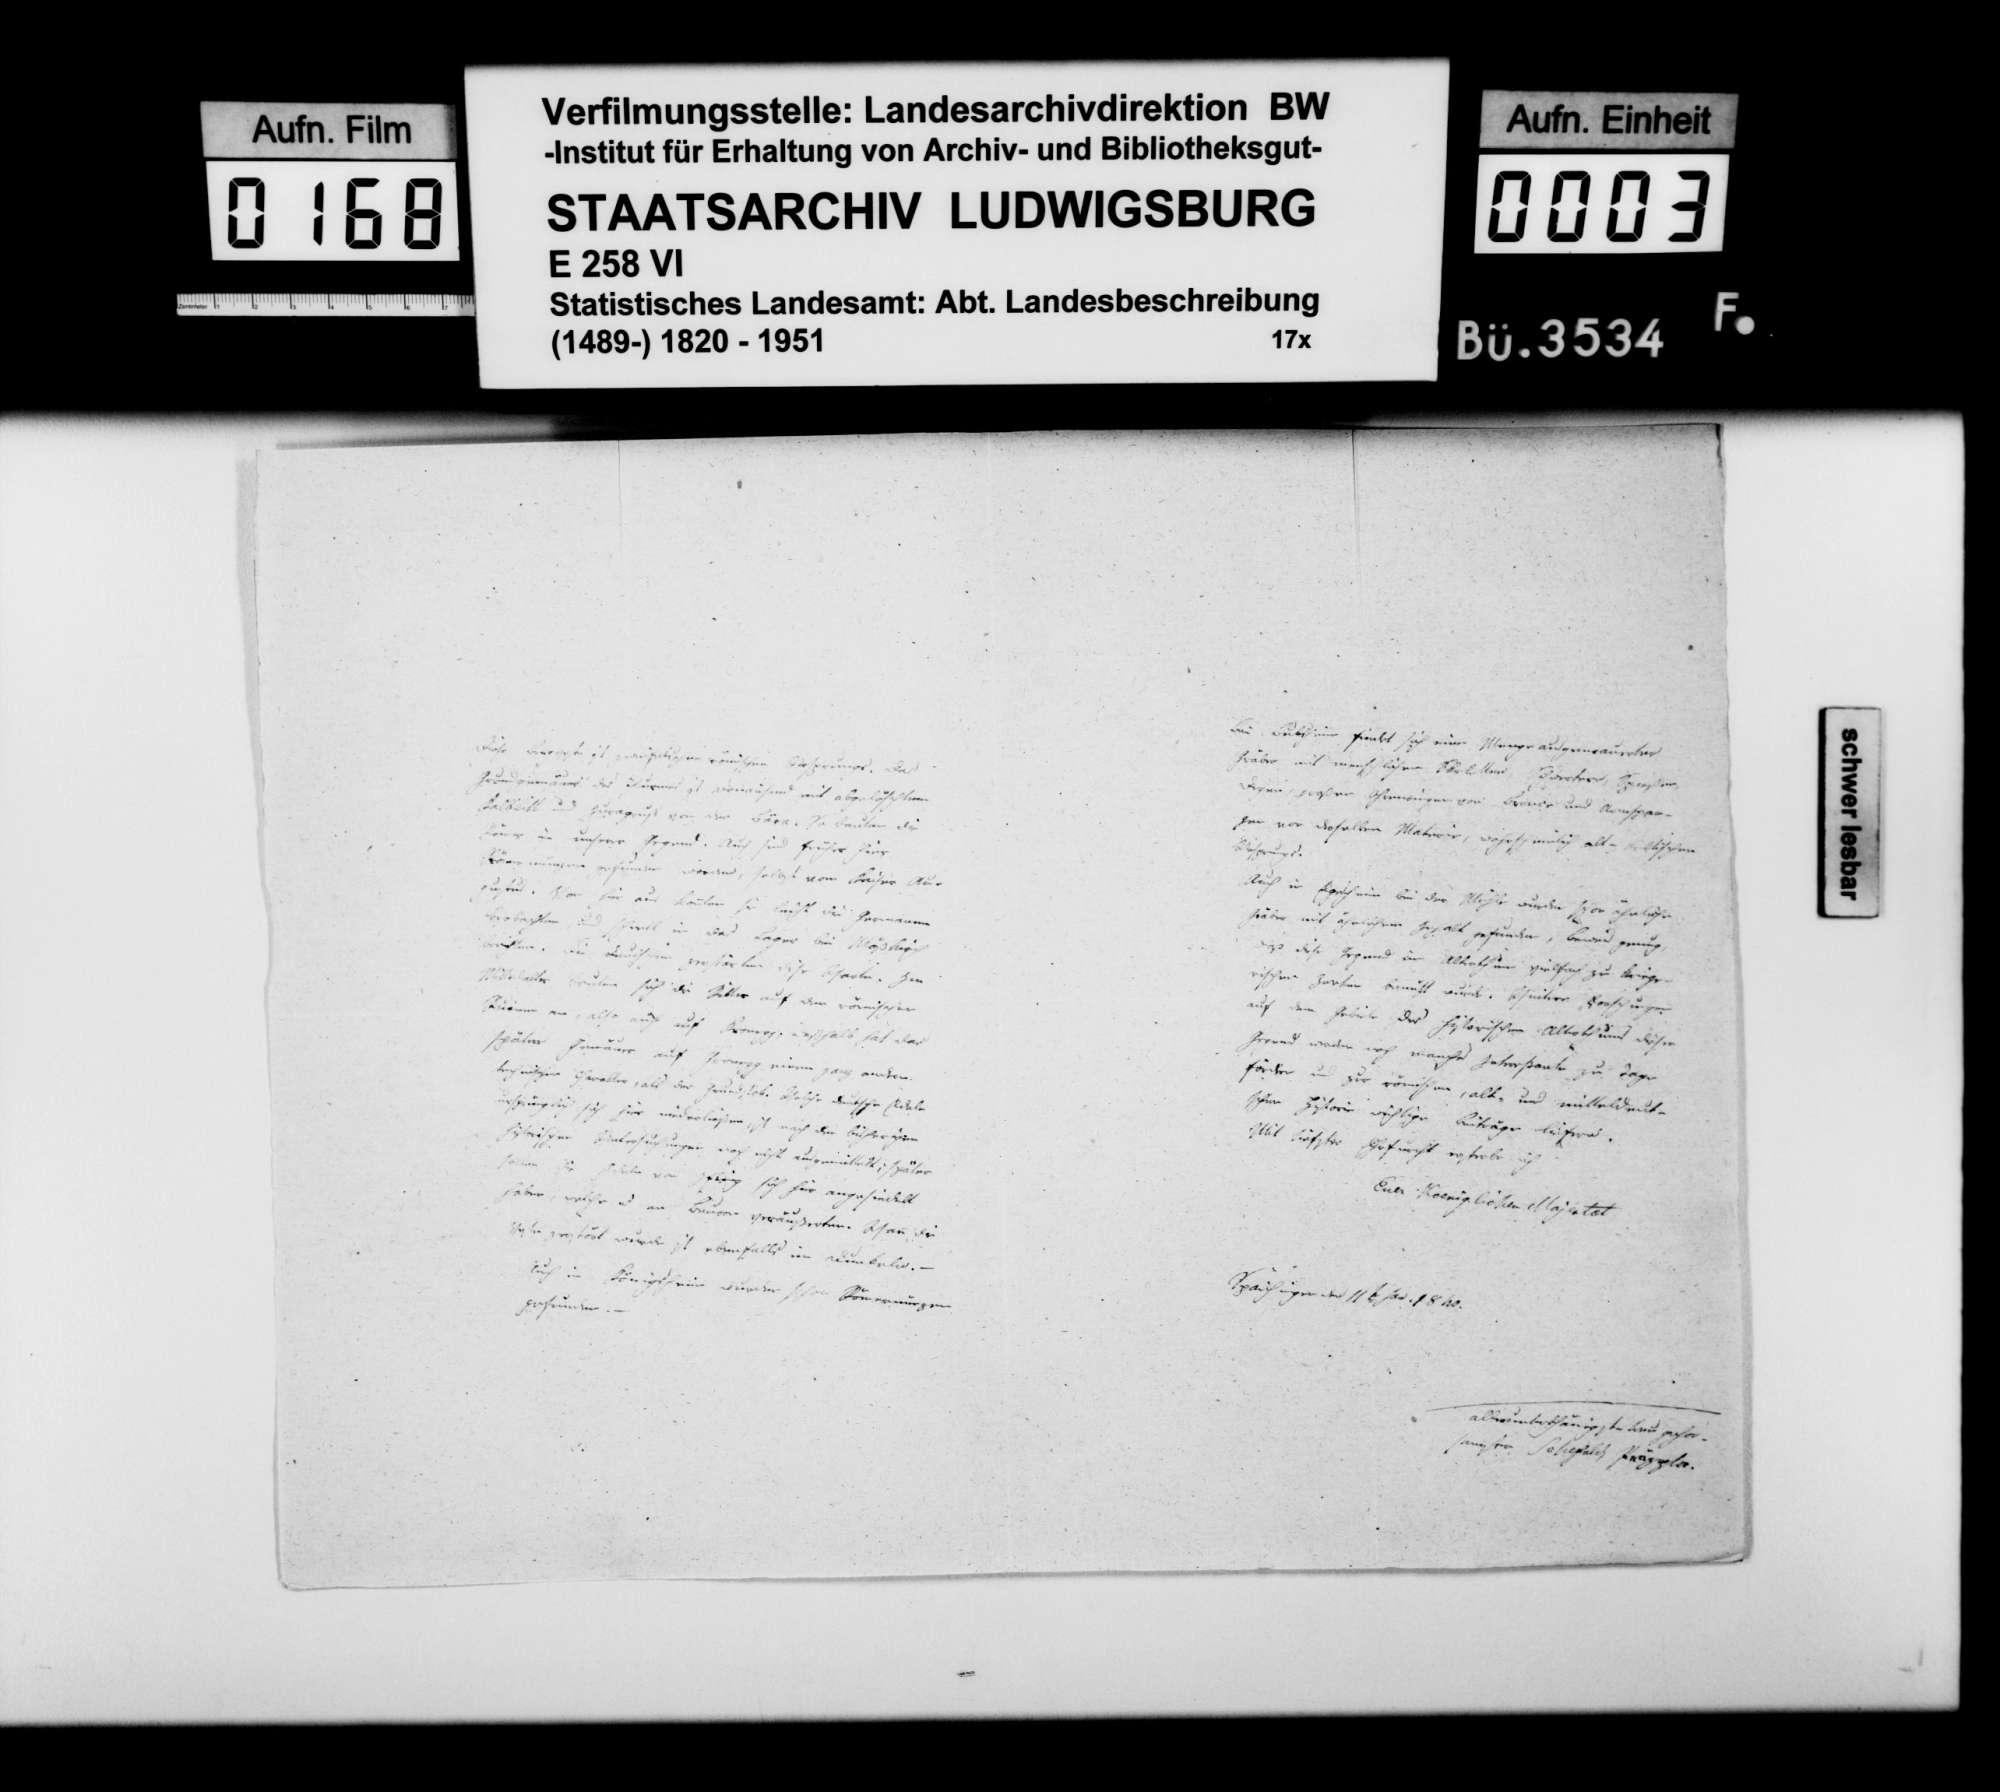 Mitteilungen und Berichte des Präzeptors Schefold aus Spaichingen über Bodenfunde, Ruinen u.dgl. in der Region, Bild 2